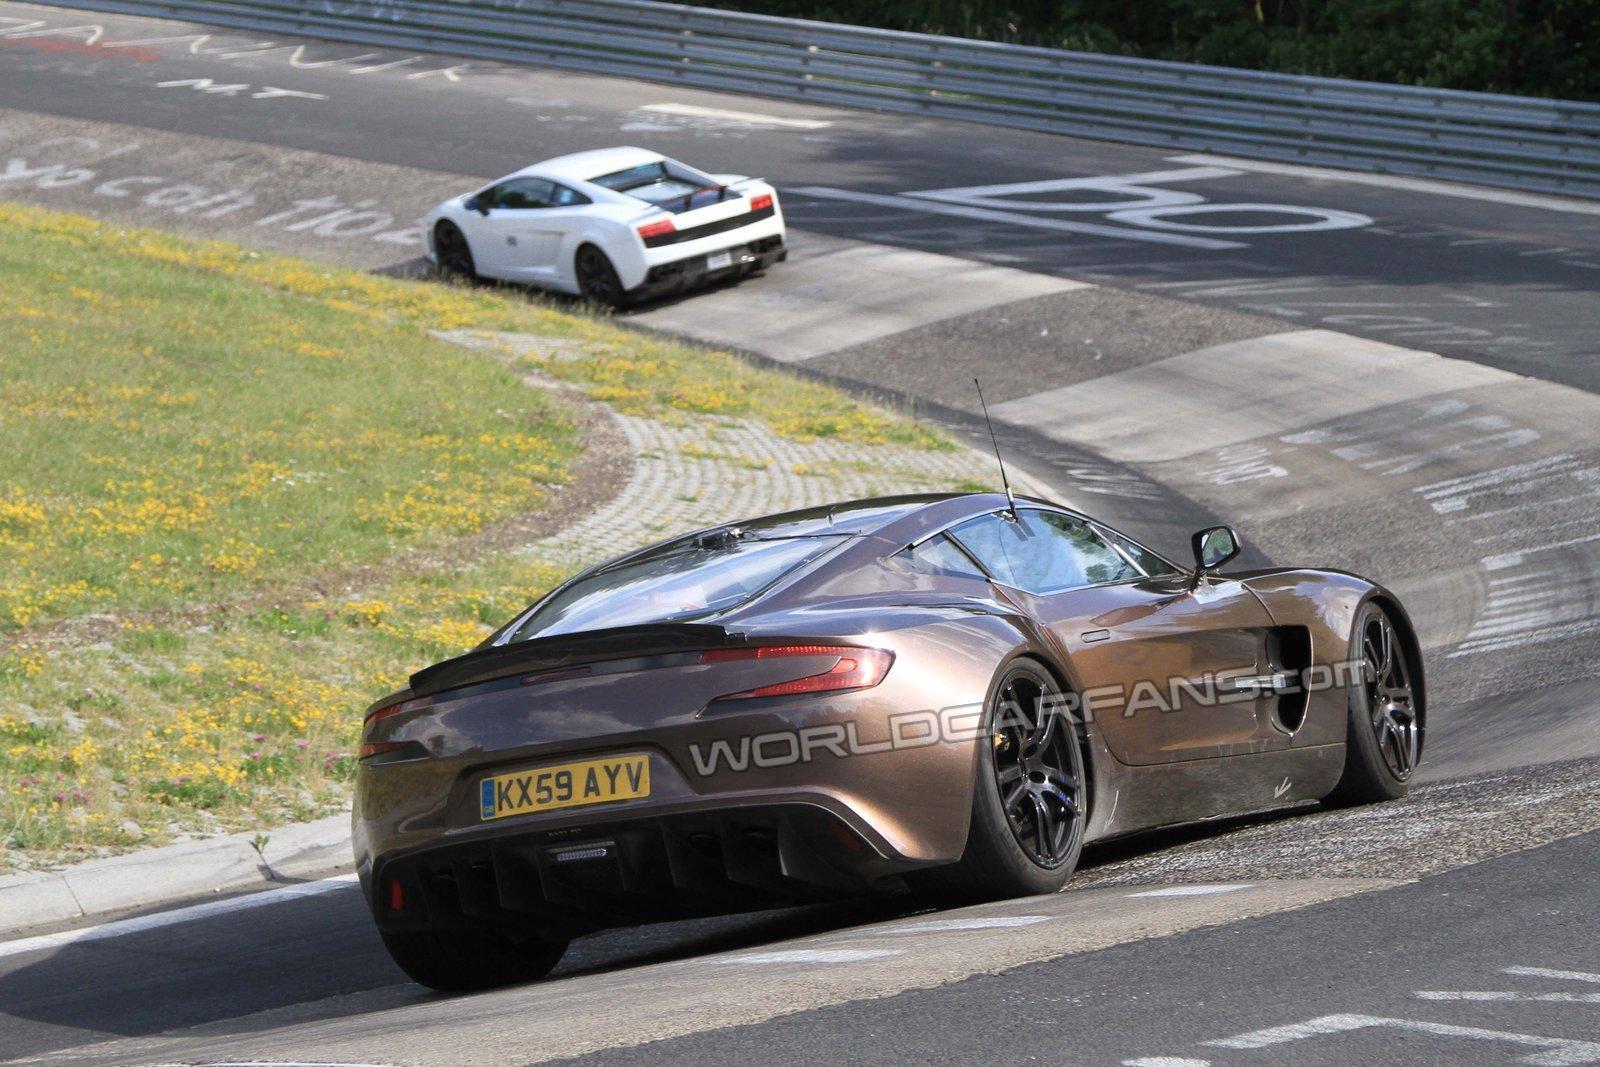 http://3.bp.blogspot.com/_qmwdM_8Ln-Q/TC0GTPcFCLI/AAAAAAAAPjk/OZUtjQVNYEo/s1600/Aston%252BMartin%252BOne-77%252Btesting%252BNurburgring%252B4.jpg